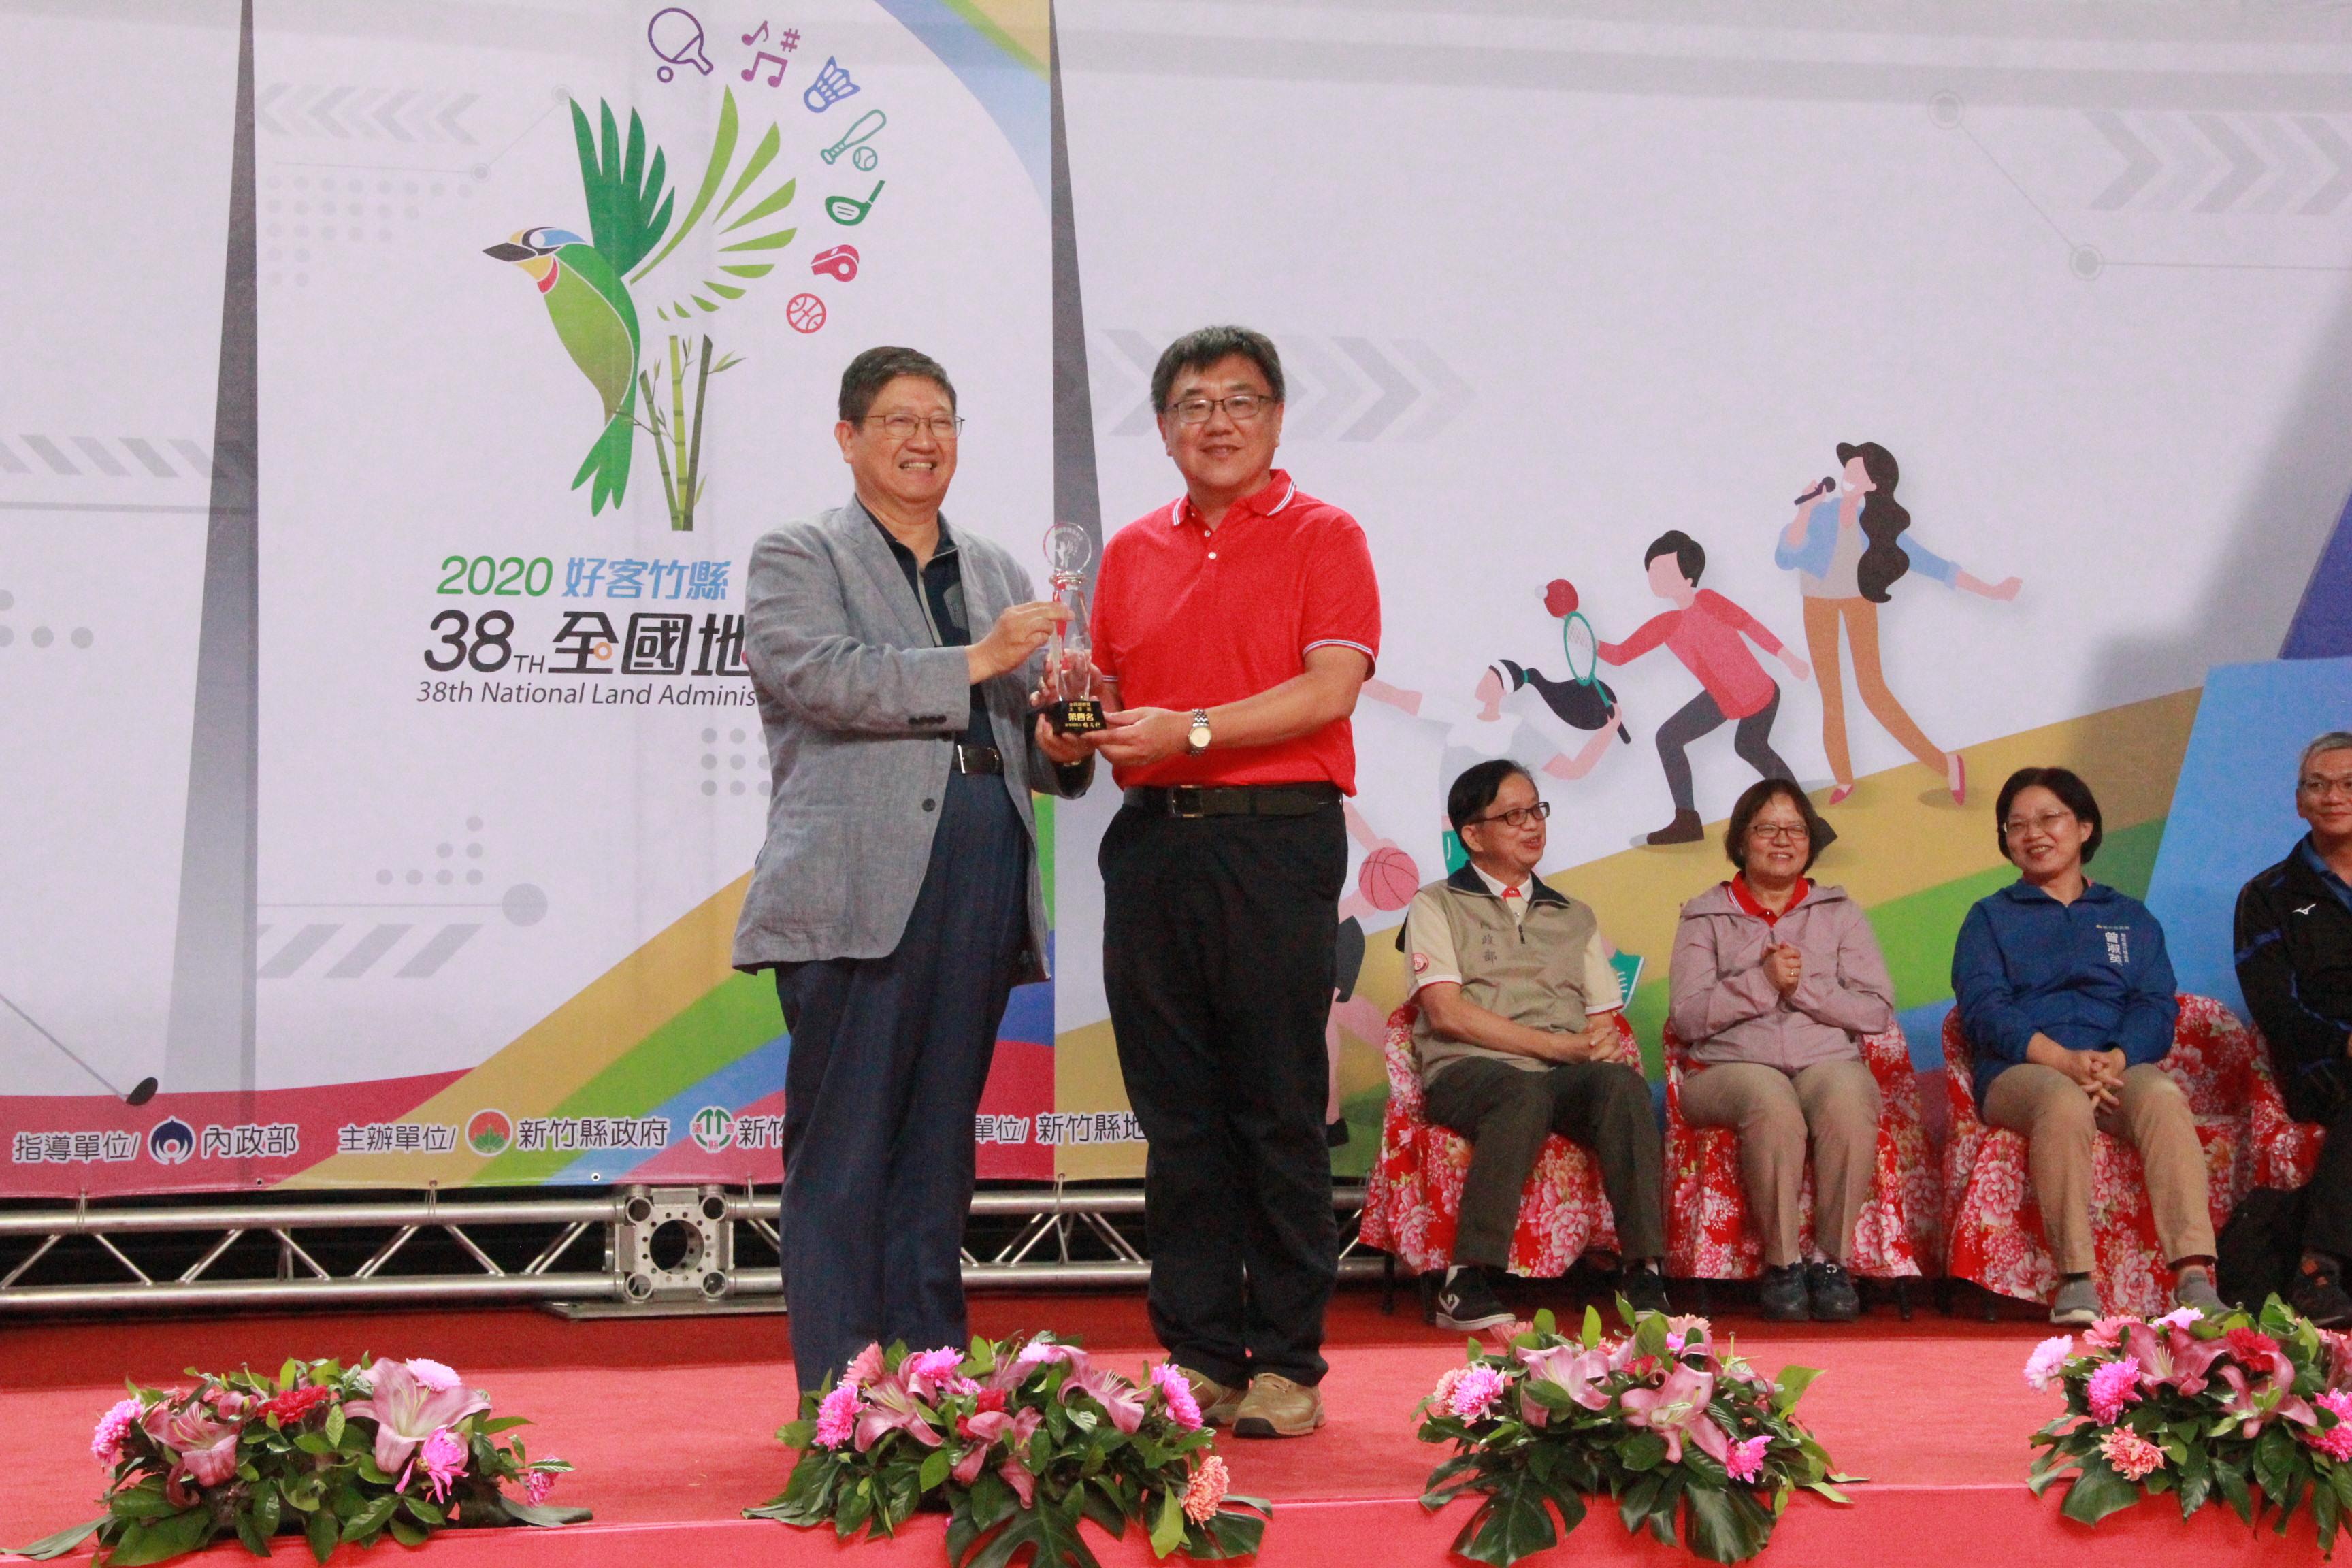 主管桌榮獲第4名內政部地政司姬科長世明(右)代表領獎